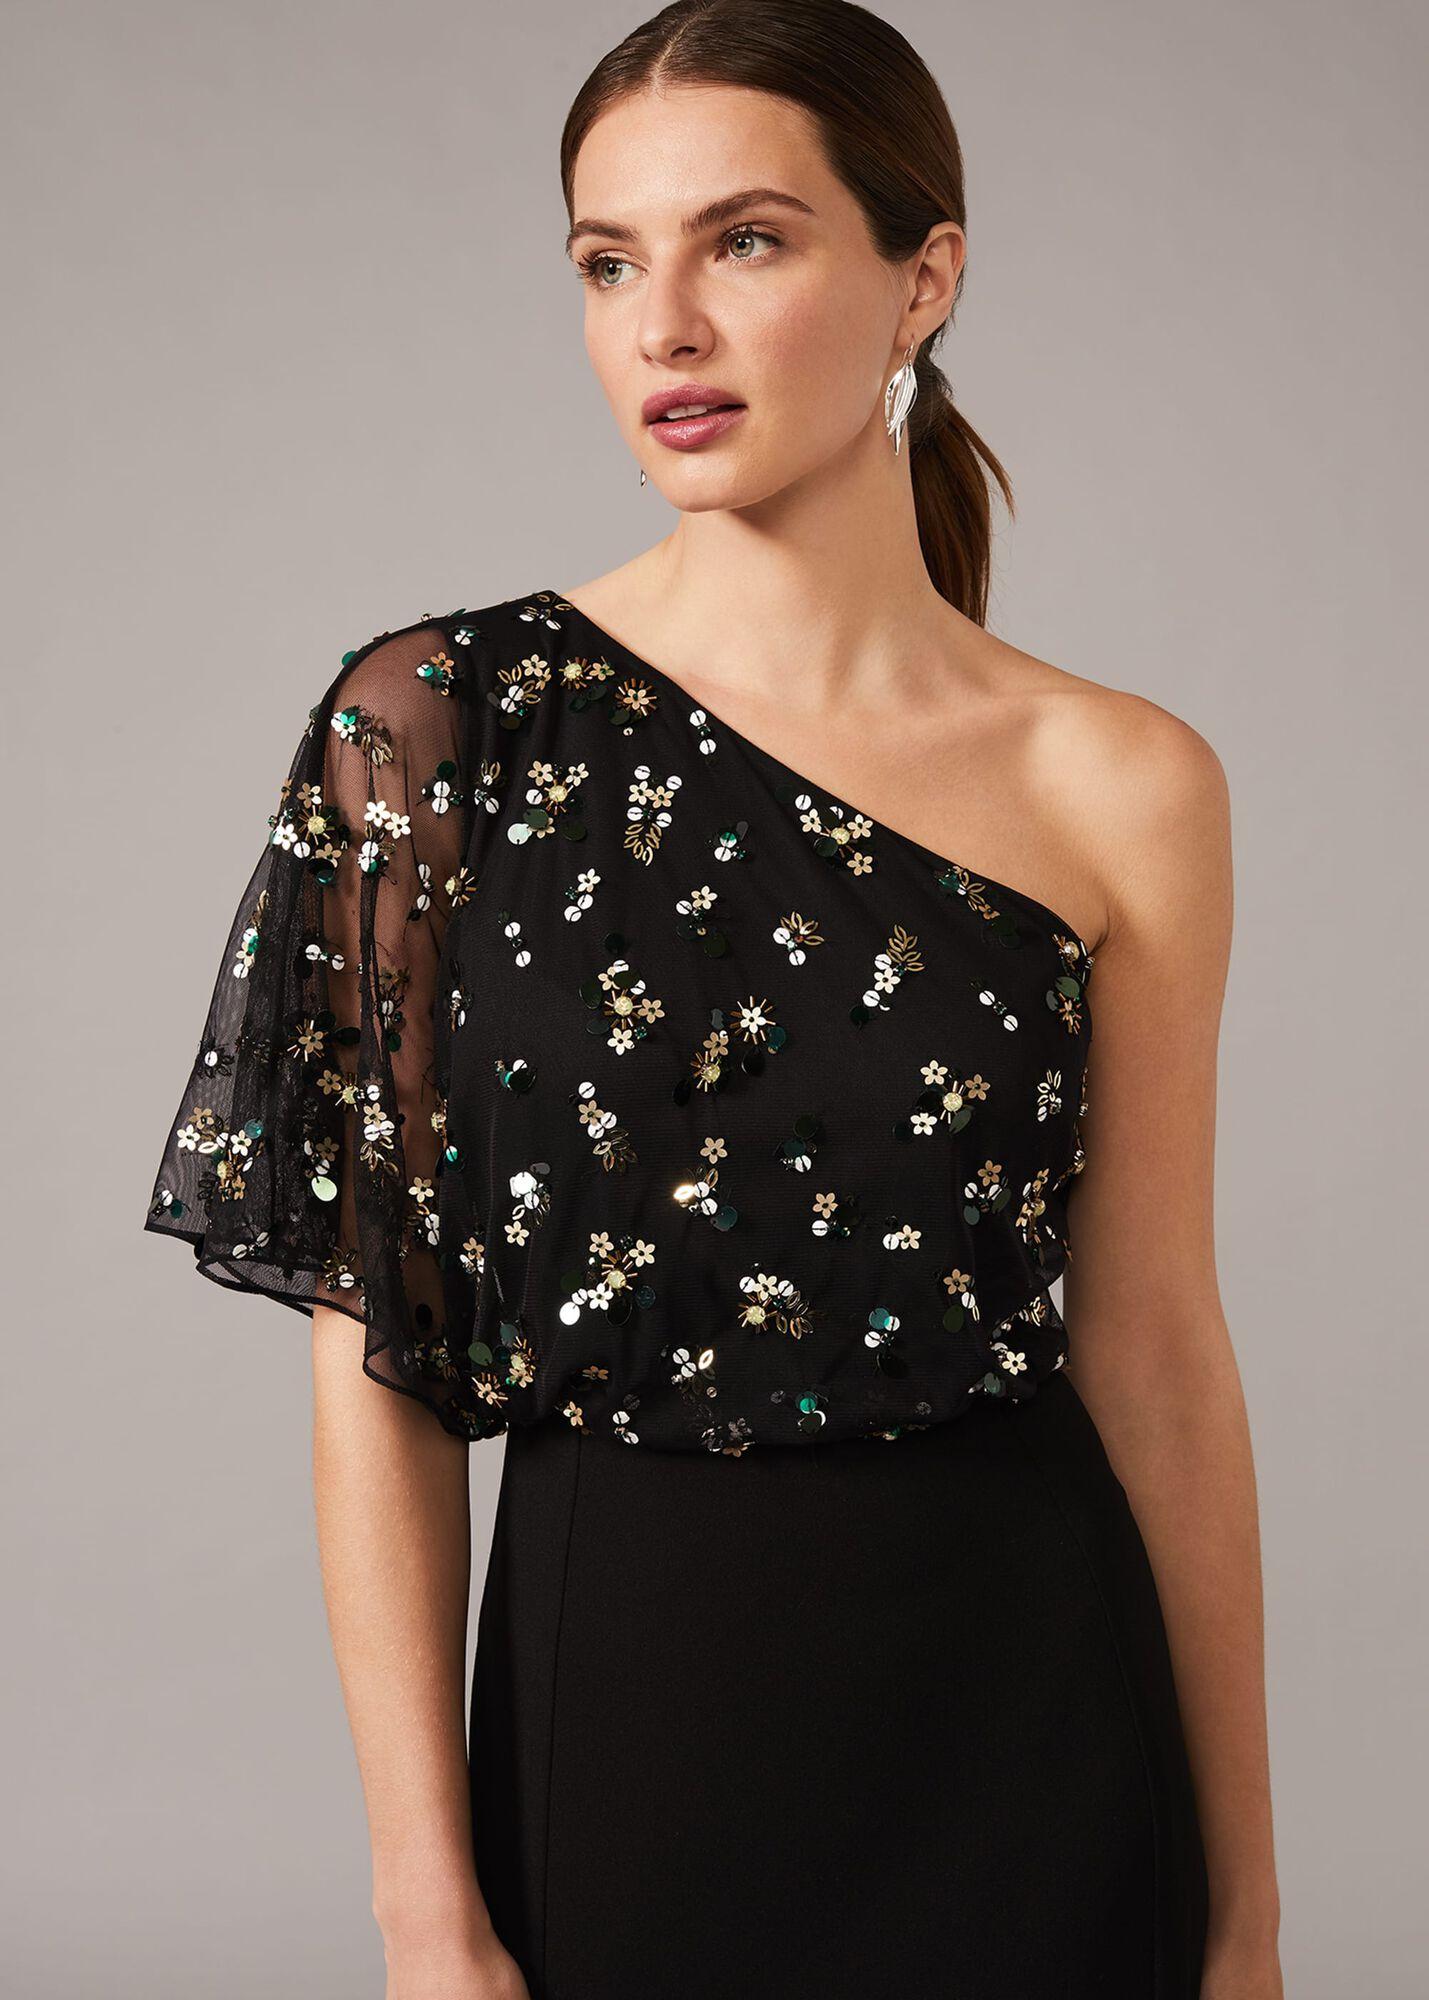 220070050-04-adele-sequinned-one-shoulder-dress.jpg?sw=1429&sh=2000&strip=false